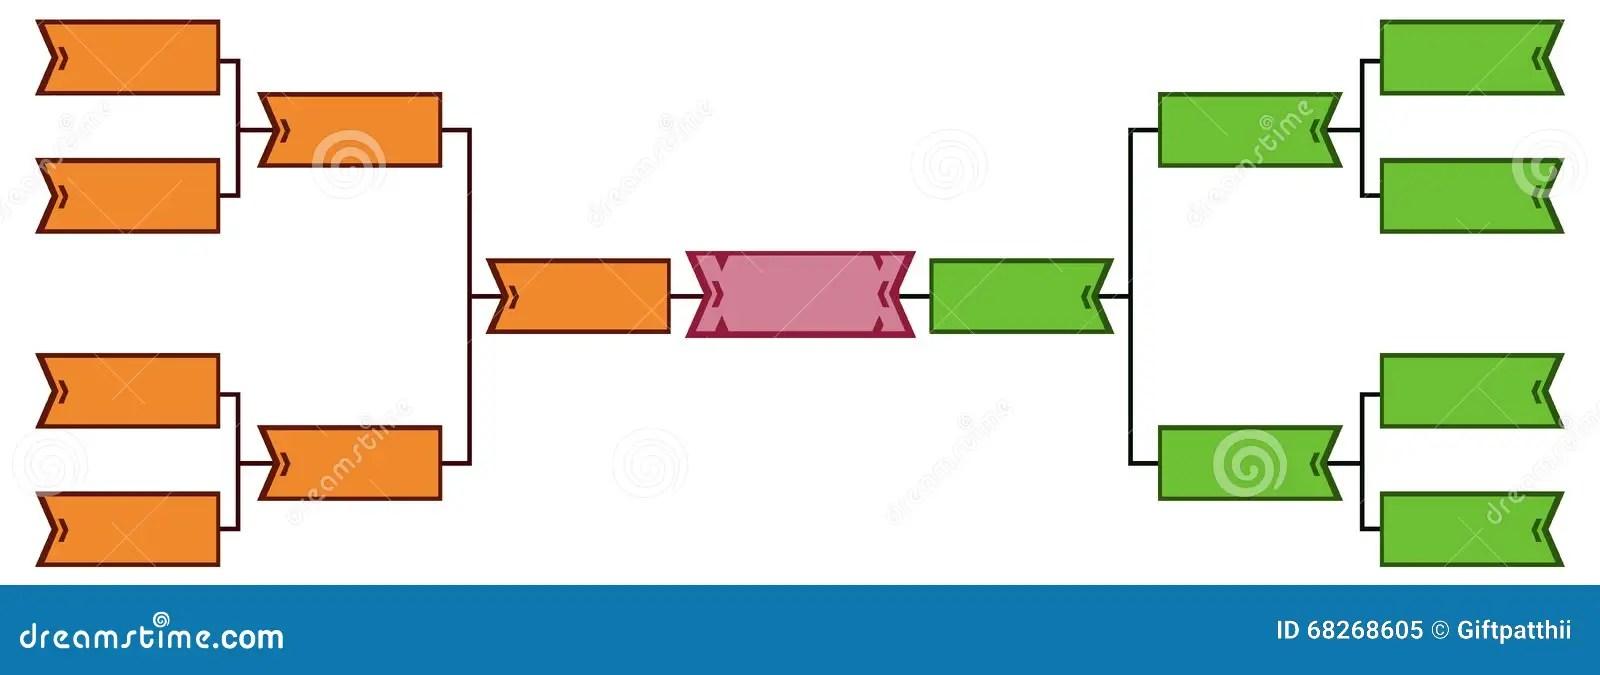 Bracket tournament 8 stock vector Illustration of baseball - 68268605